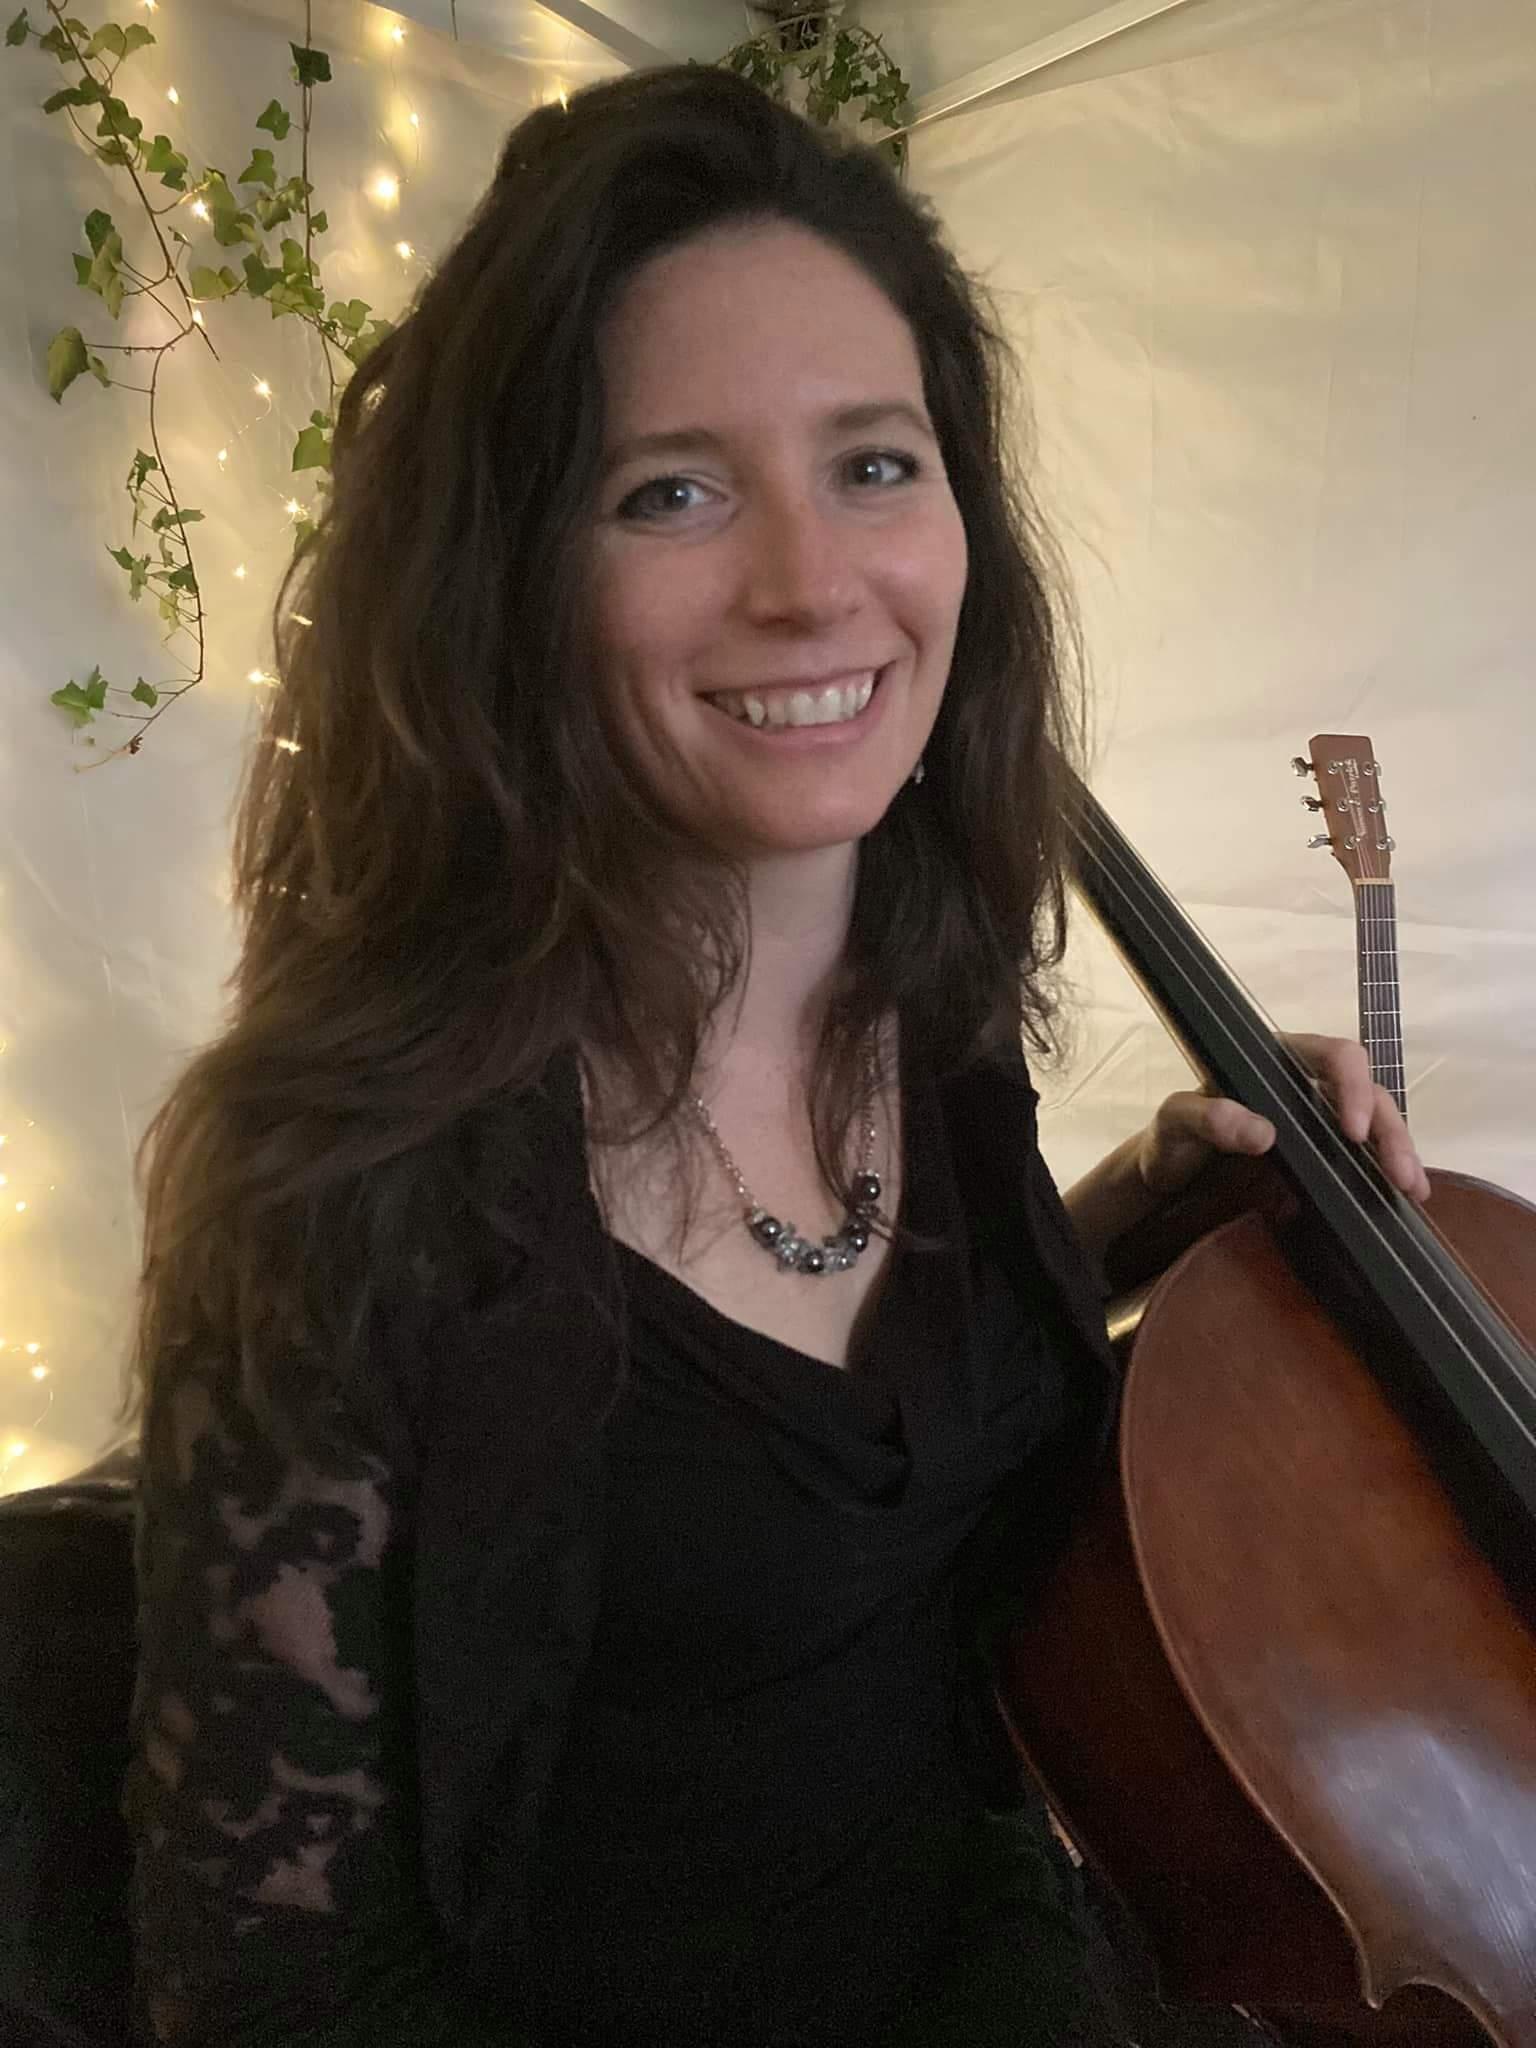 Katie Tertell